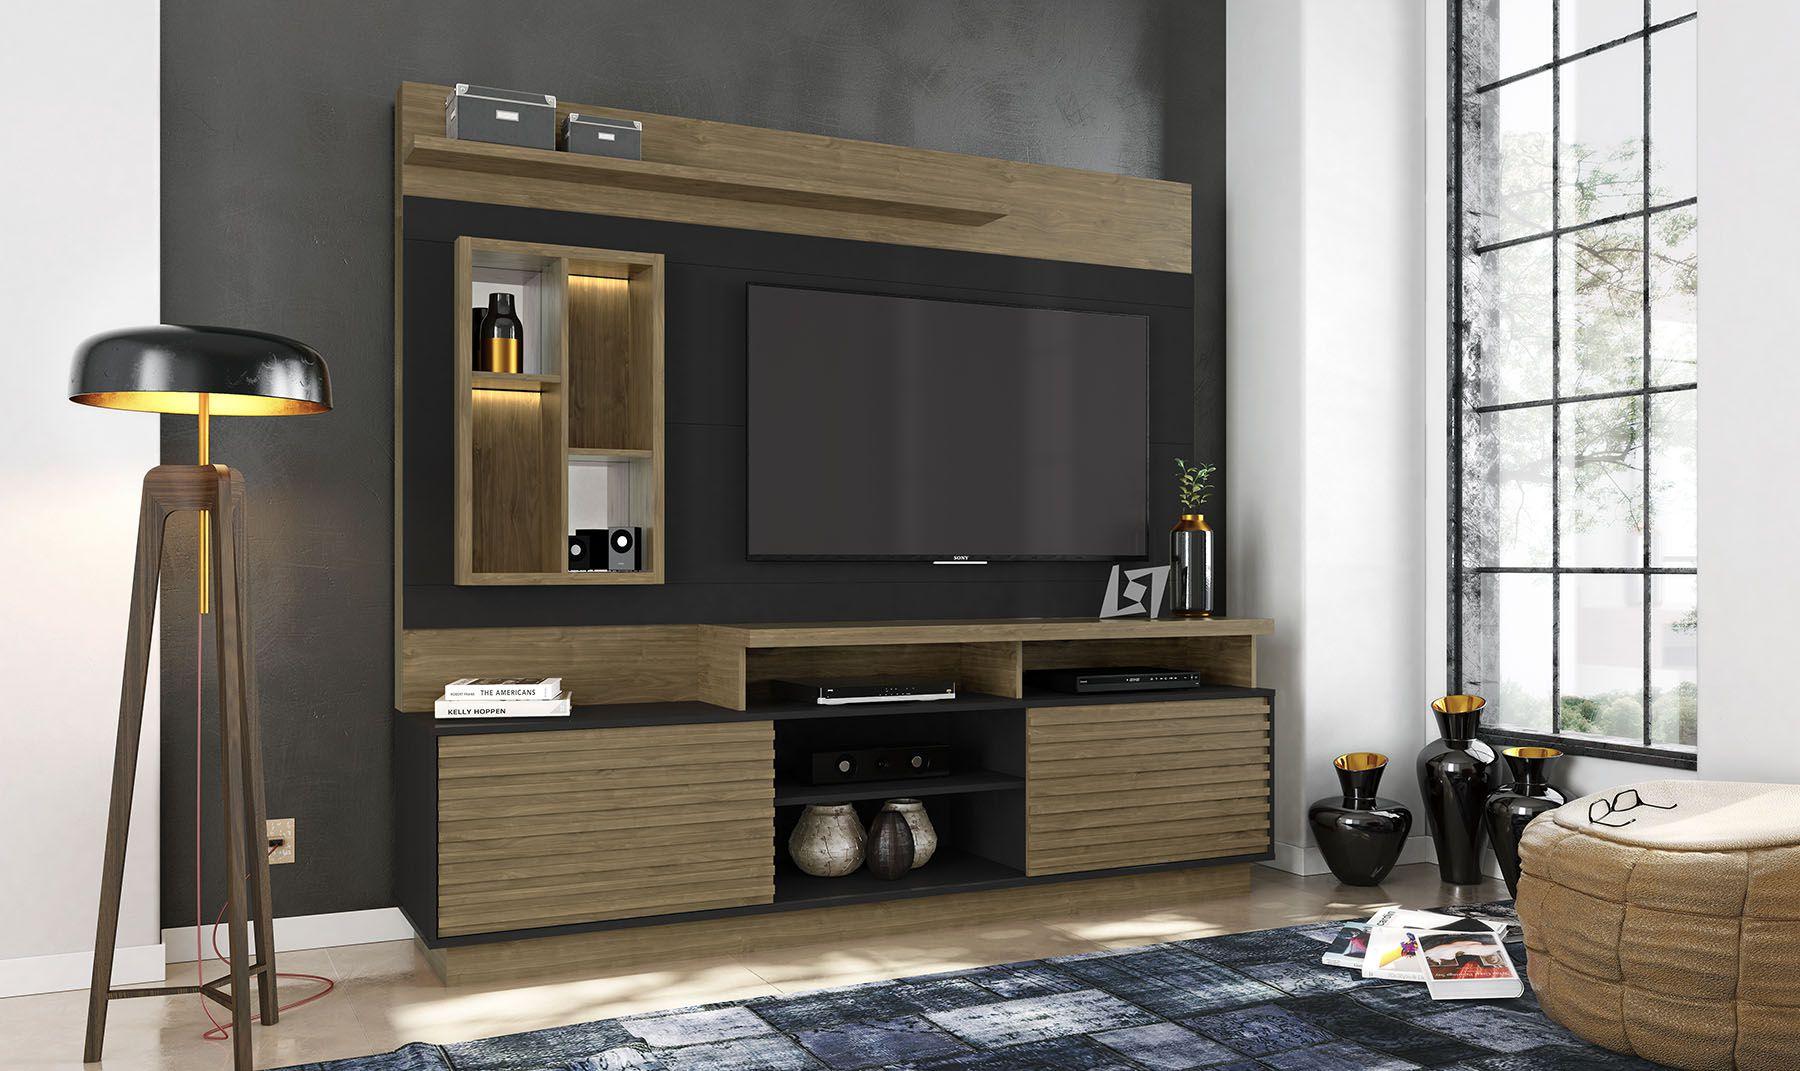 Estante Home Para Tv Até 65 Polegadas com LED Eldorado Linea Brasil